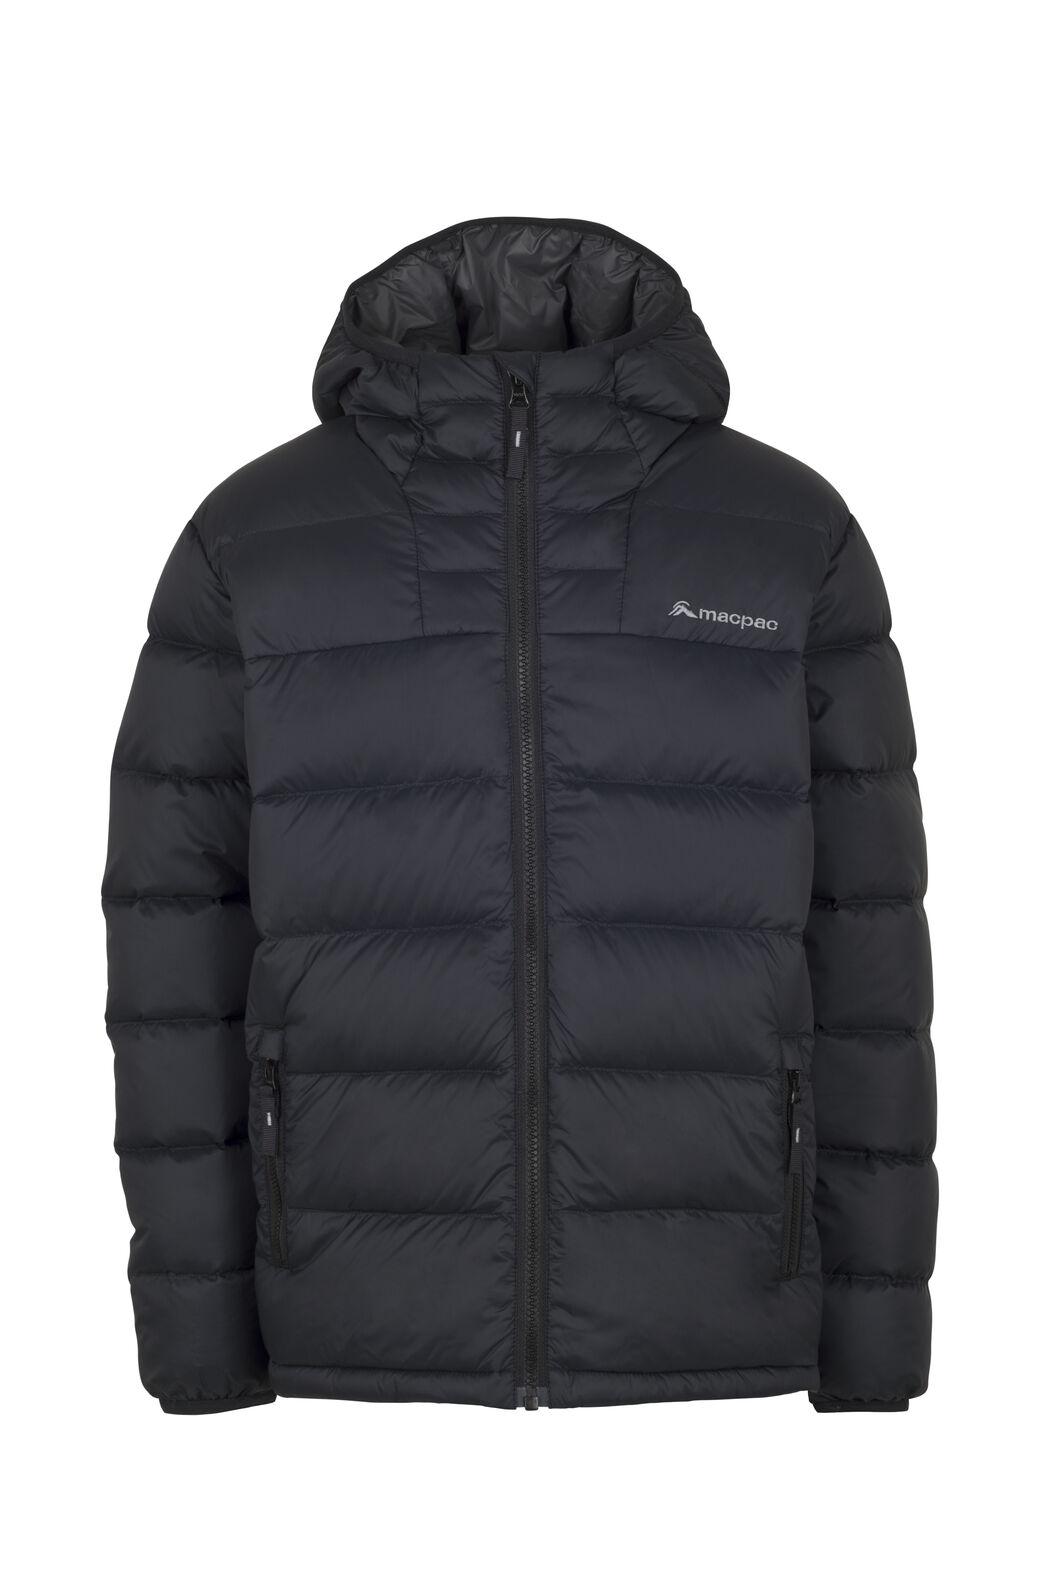 Macpac Atom Hooded Down Jacket — Kids', Black, hi-res